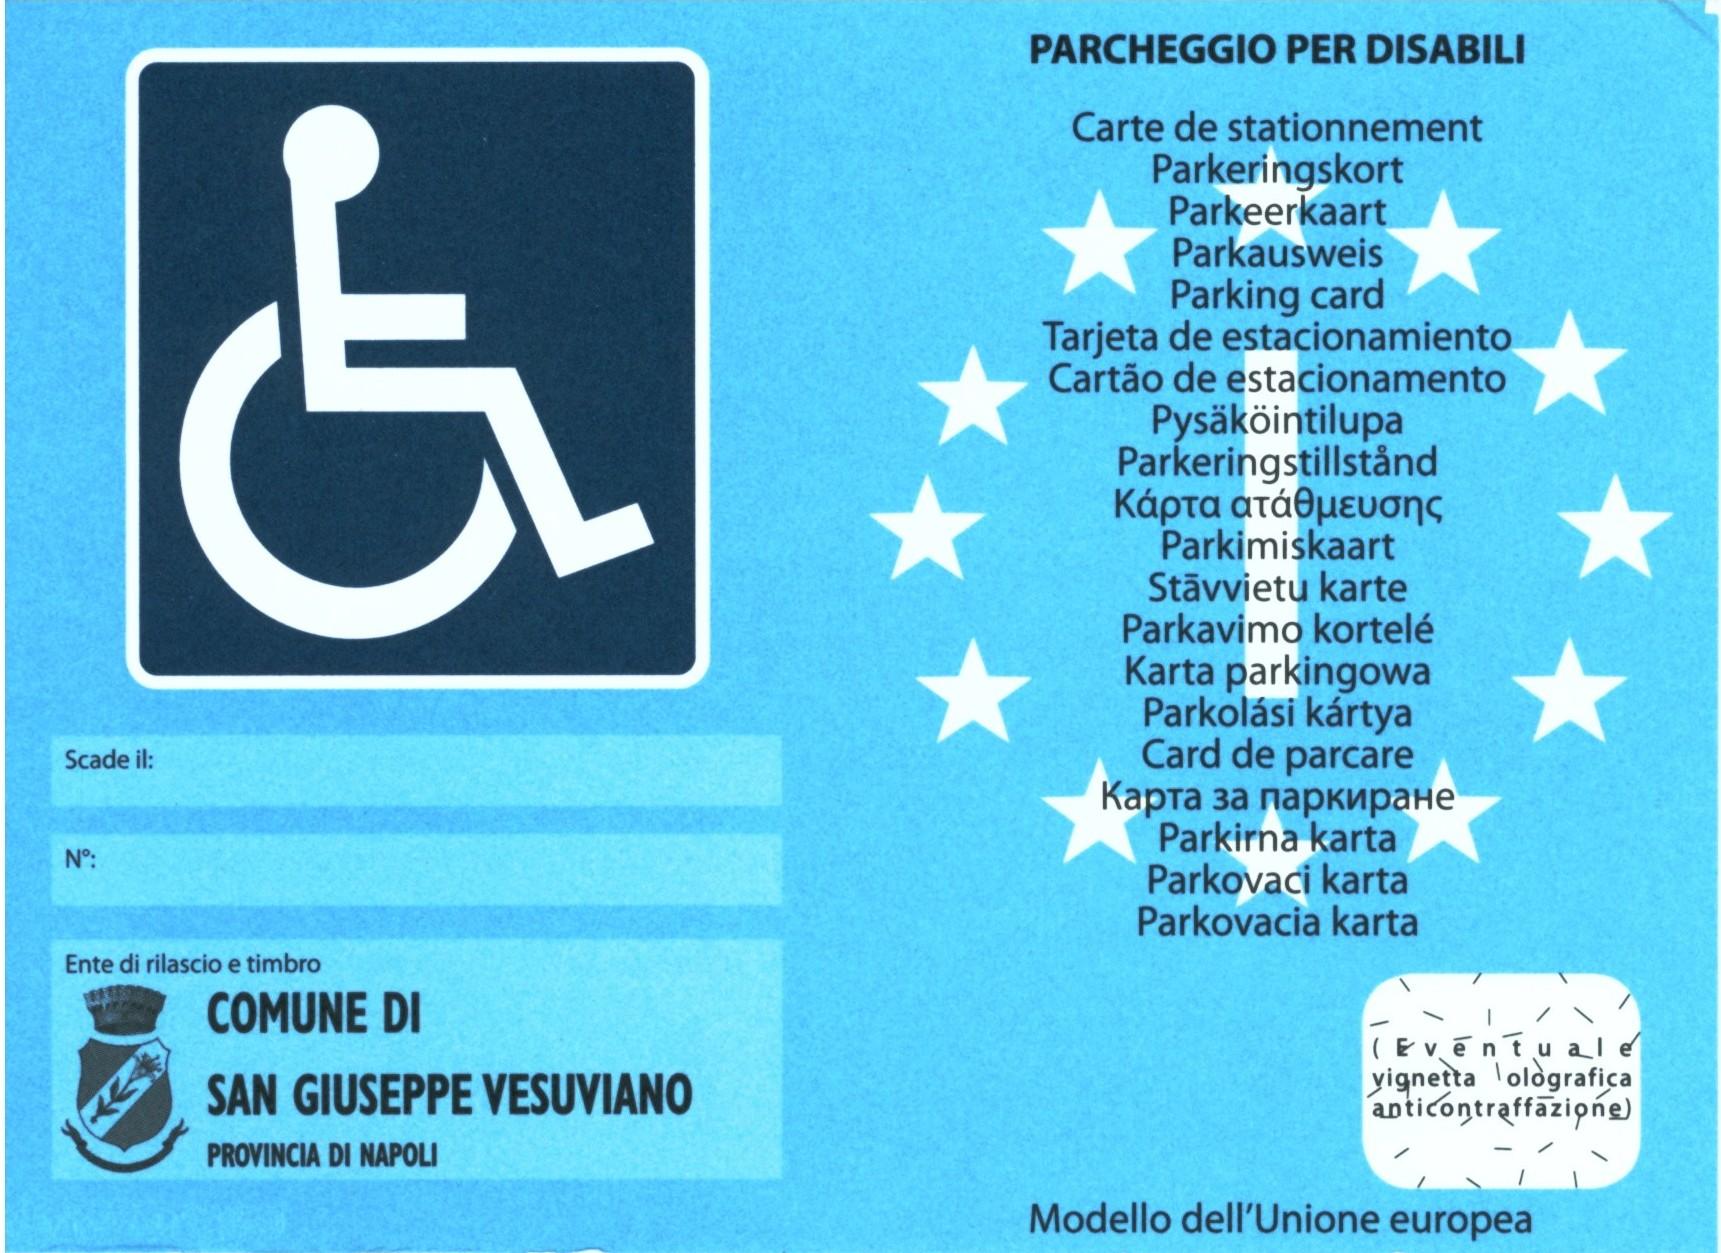 Permesso per disabili